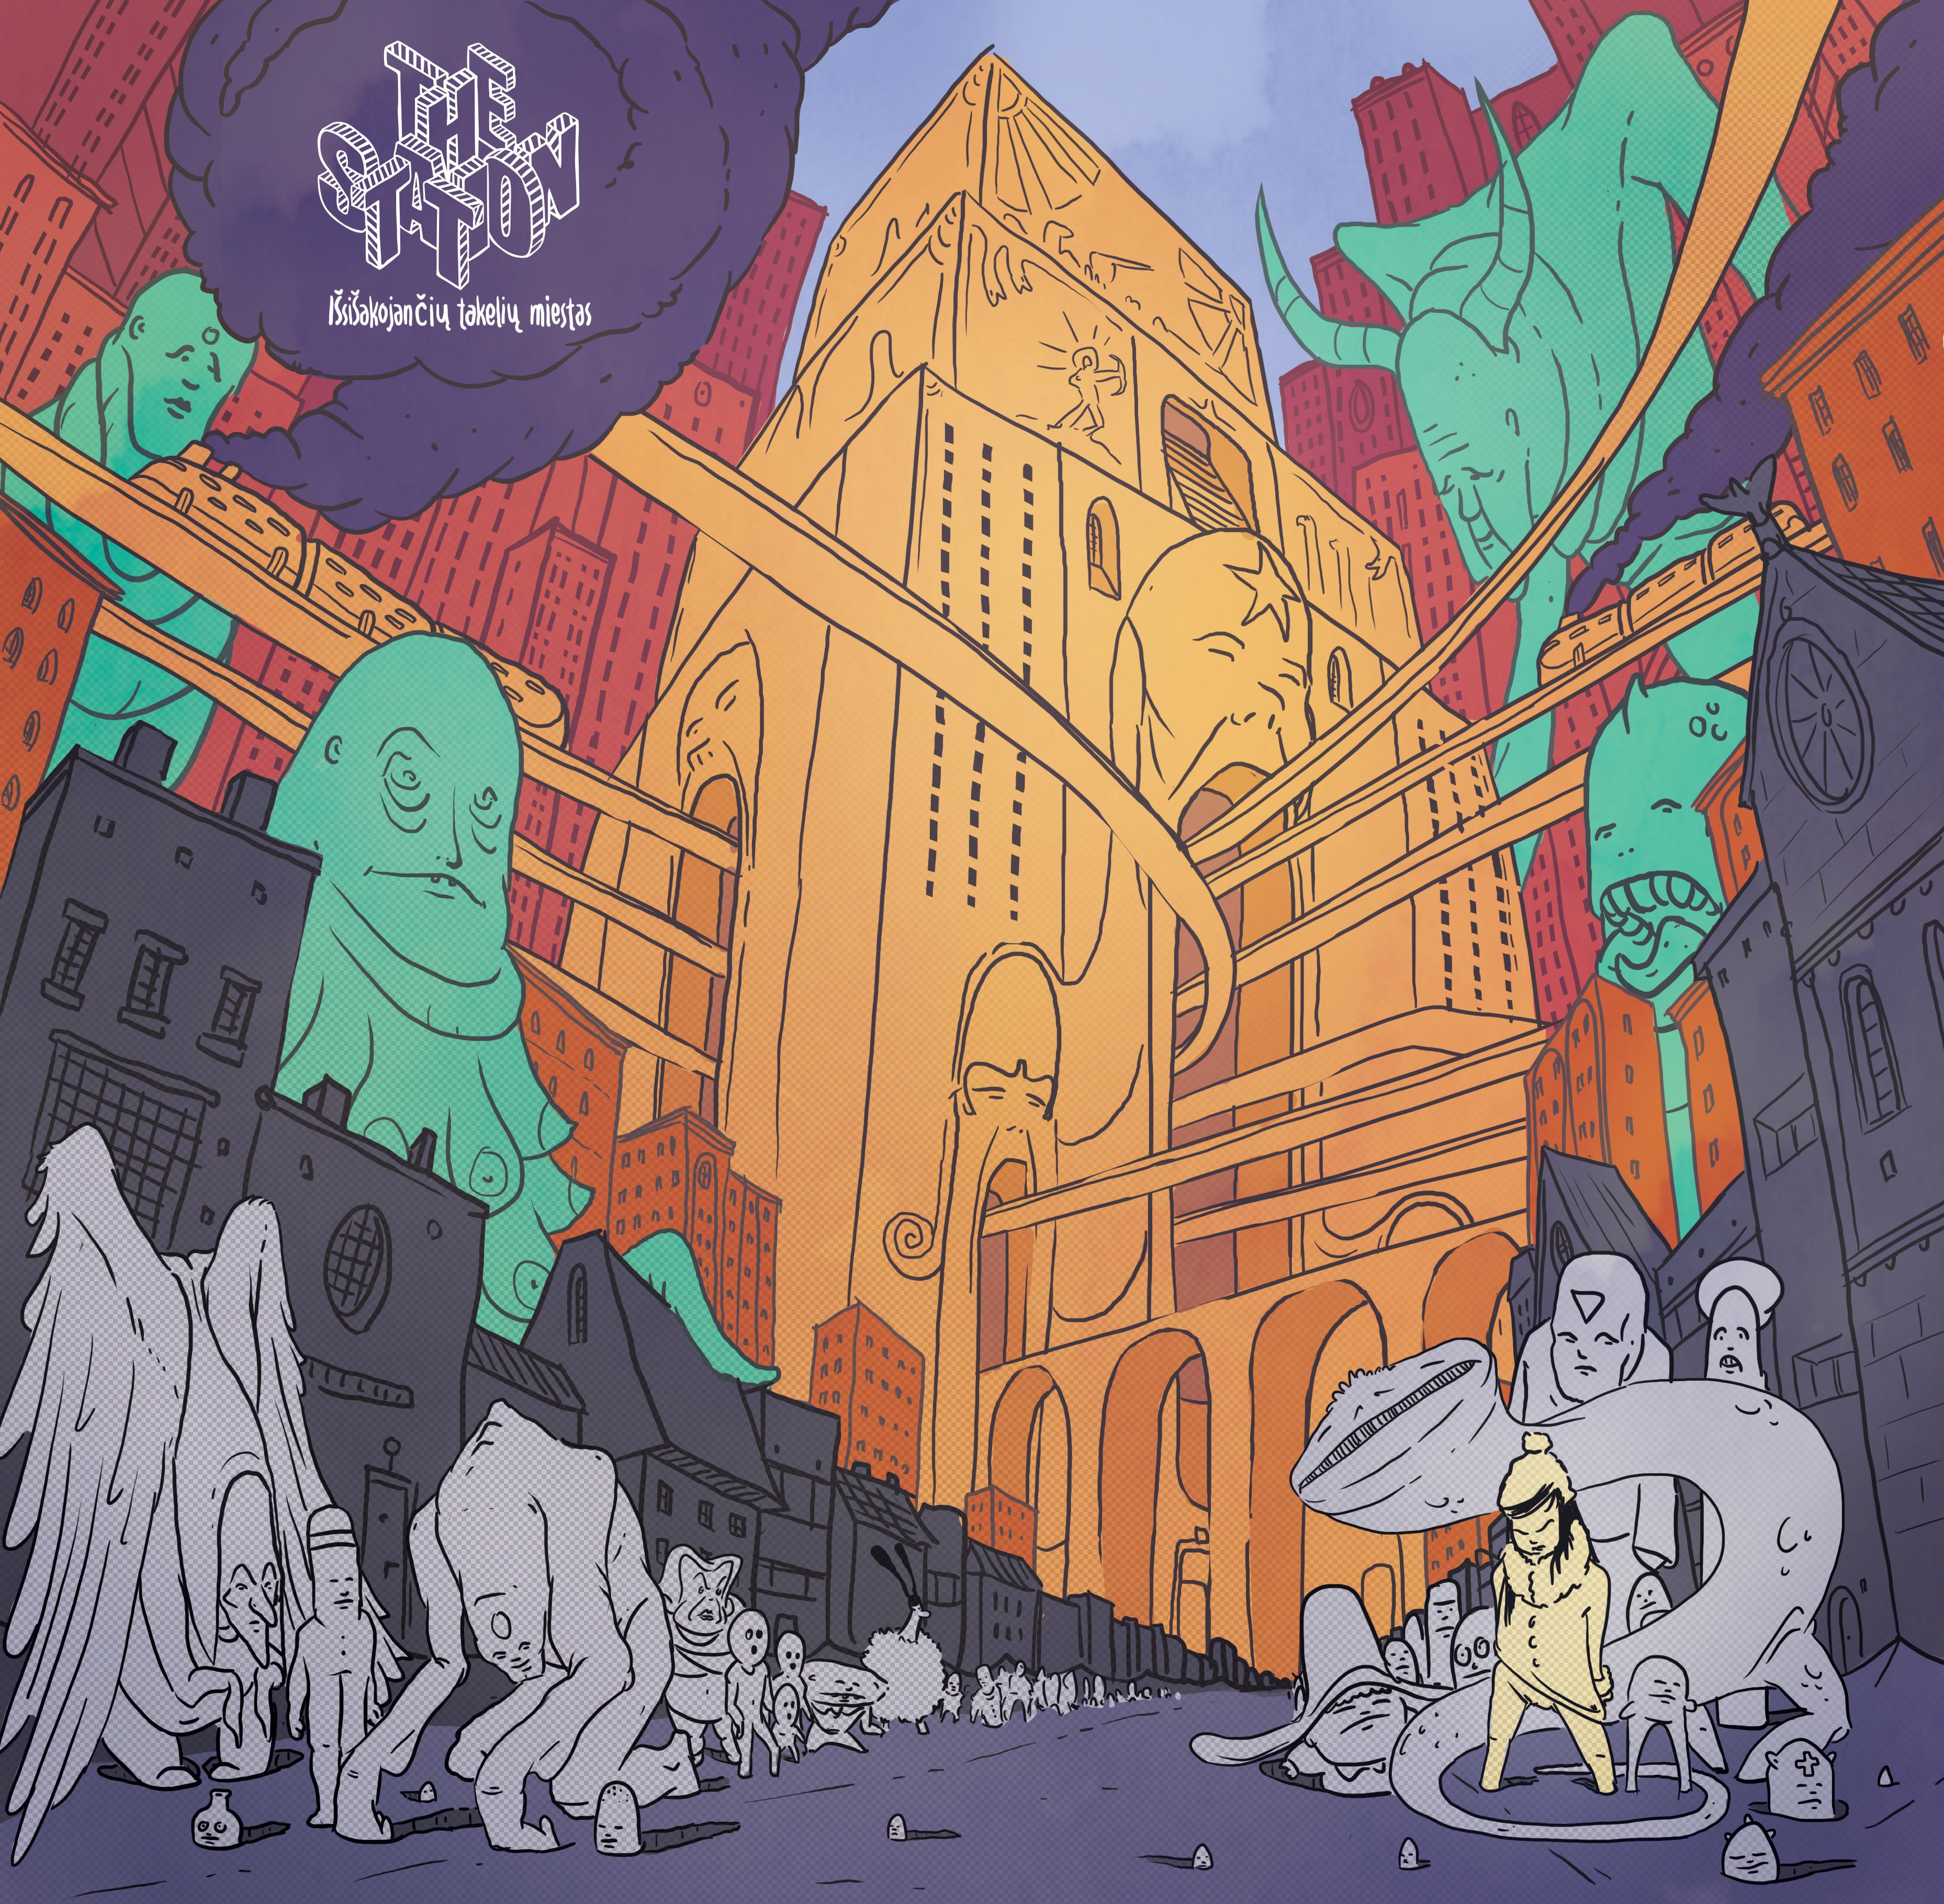 Album Vinyl Cover